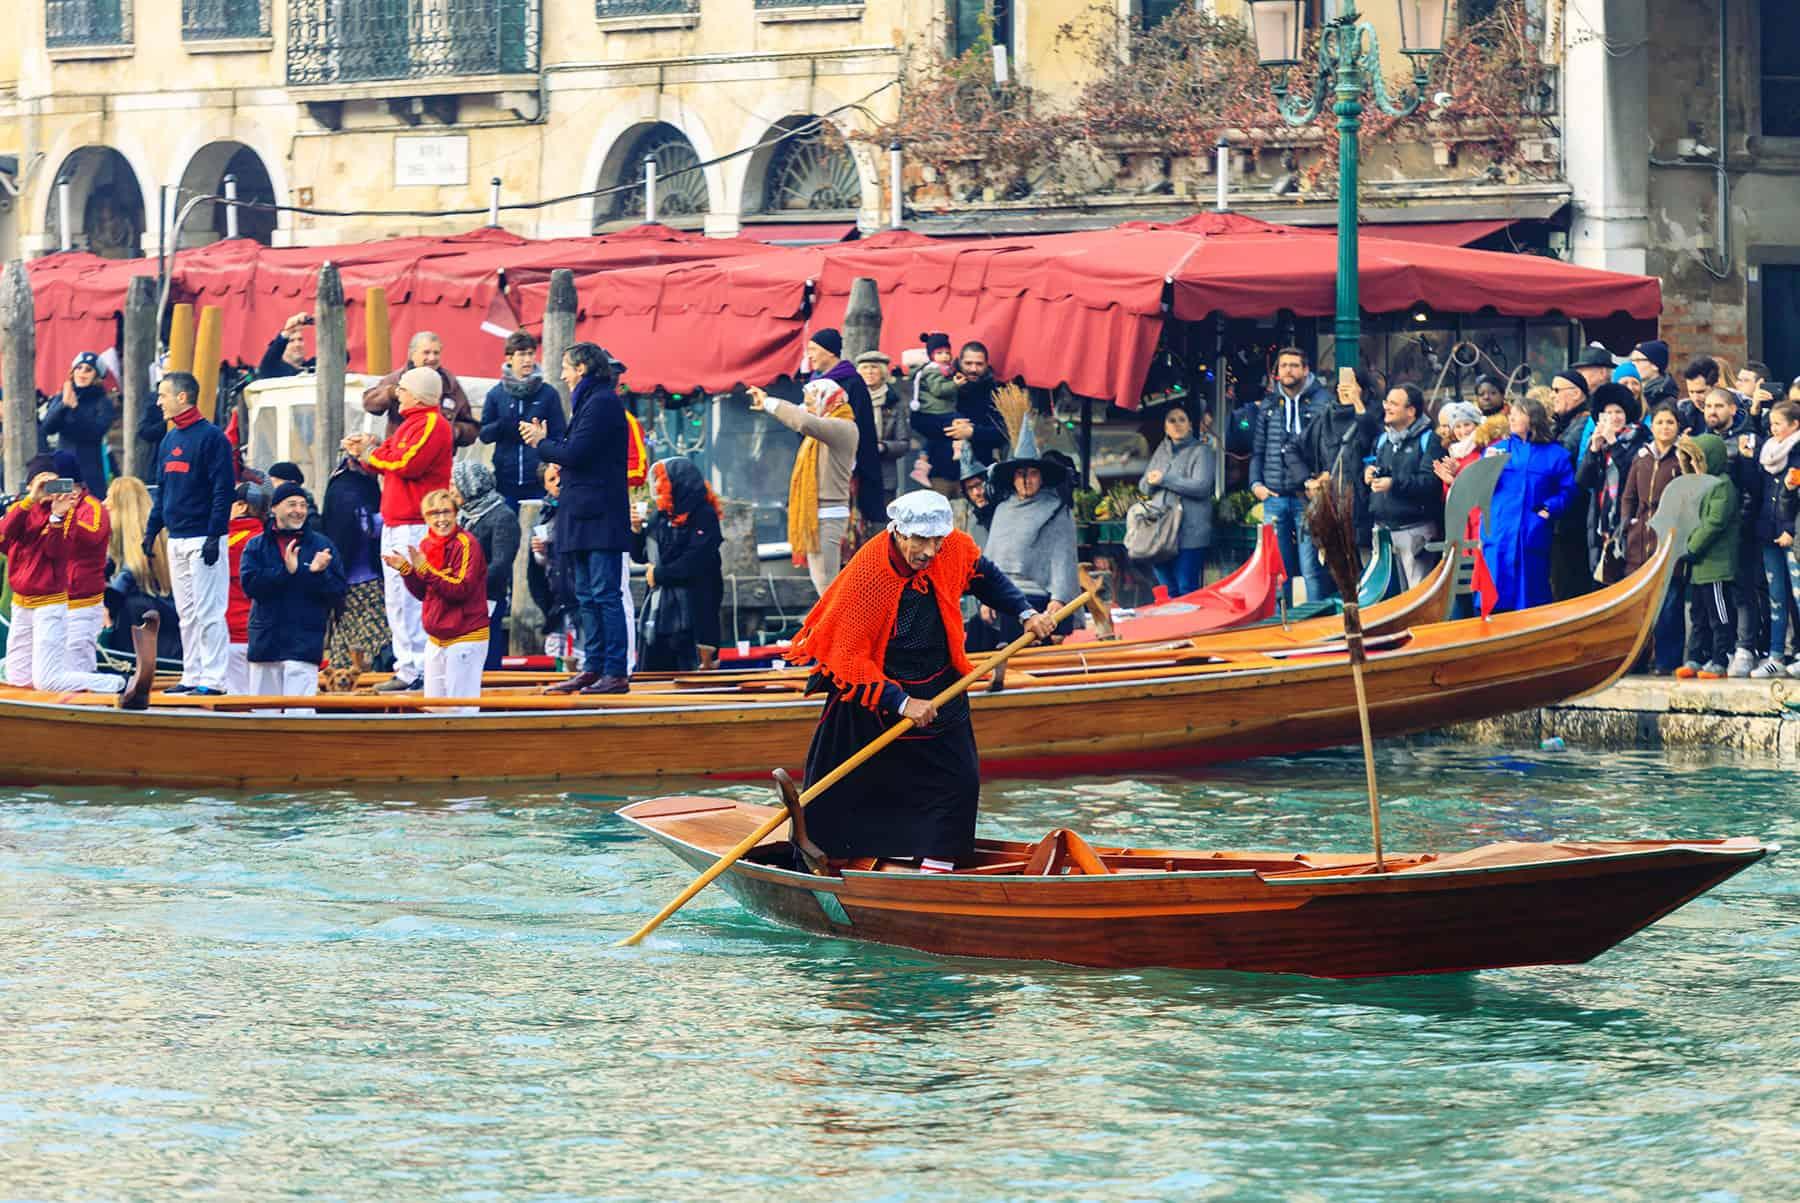 Epifania in Veneto: La Regata della Befana a Venezia - © Vaghis - viaggi & turismo Italia - Tutti-i-diritti riservati